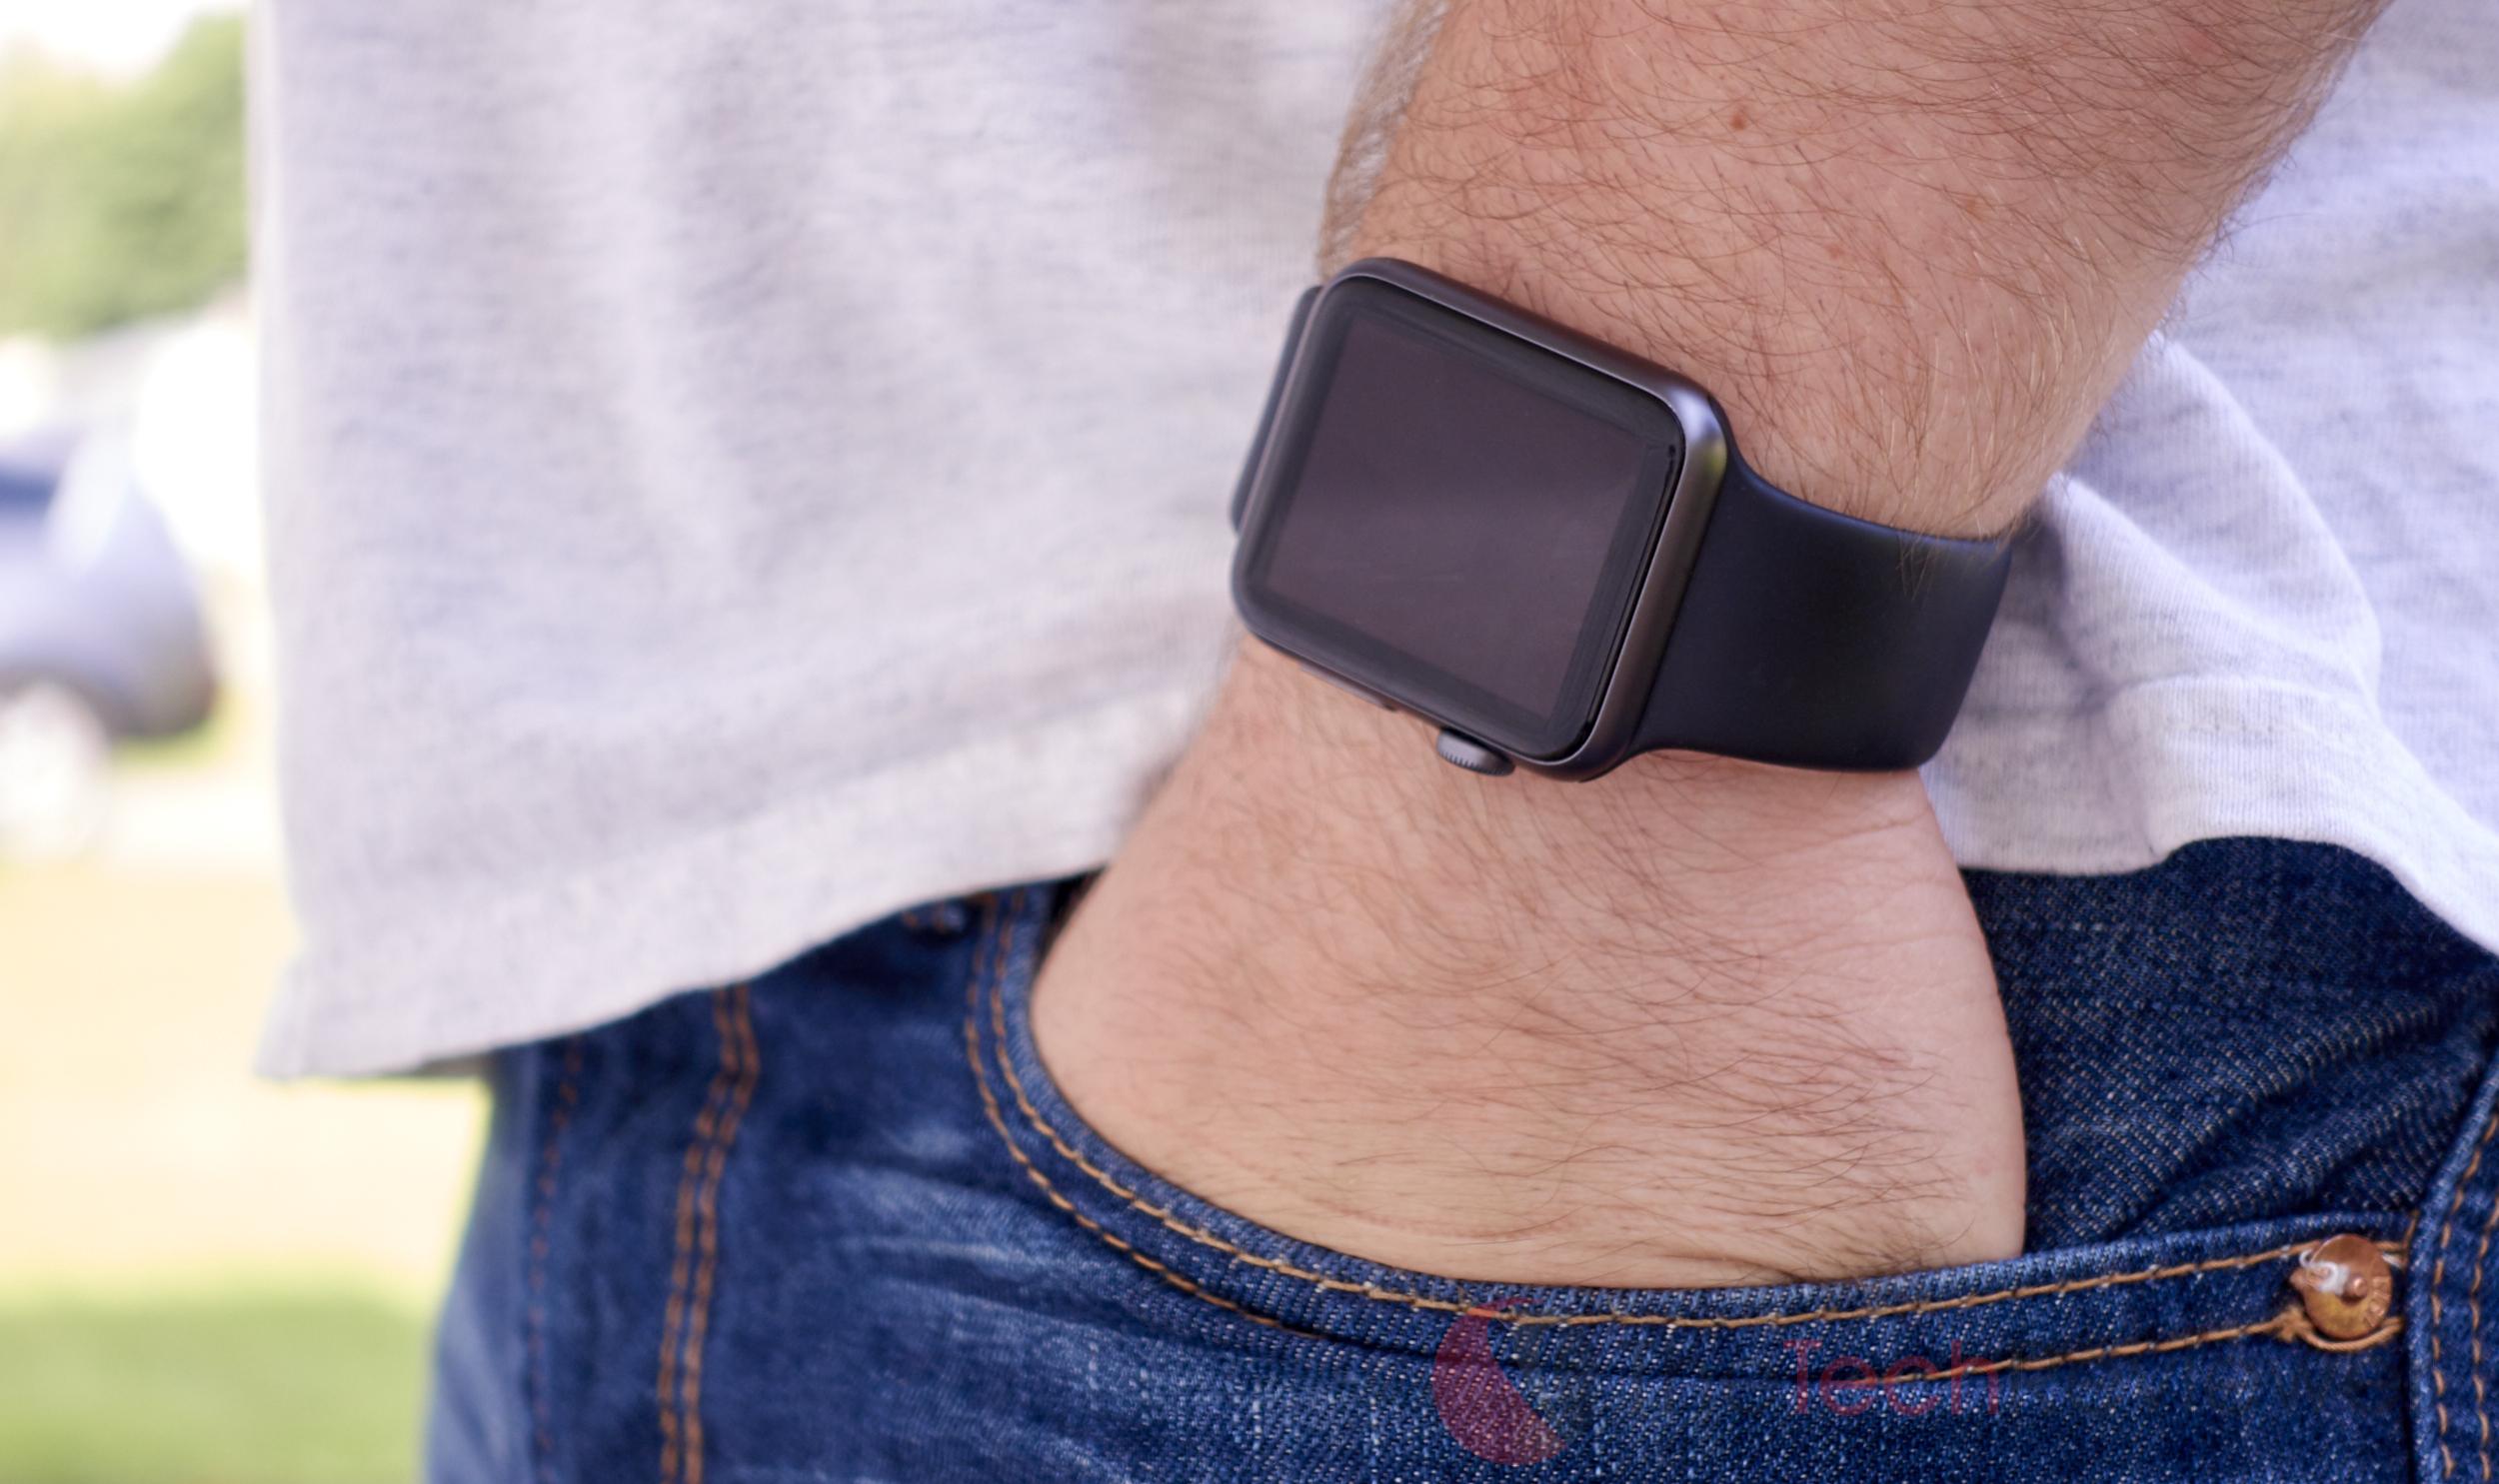 Apple Watch in Pocket 1 (1)